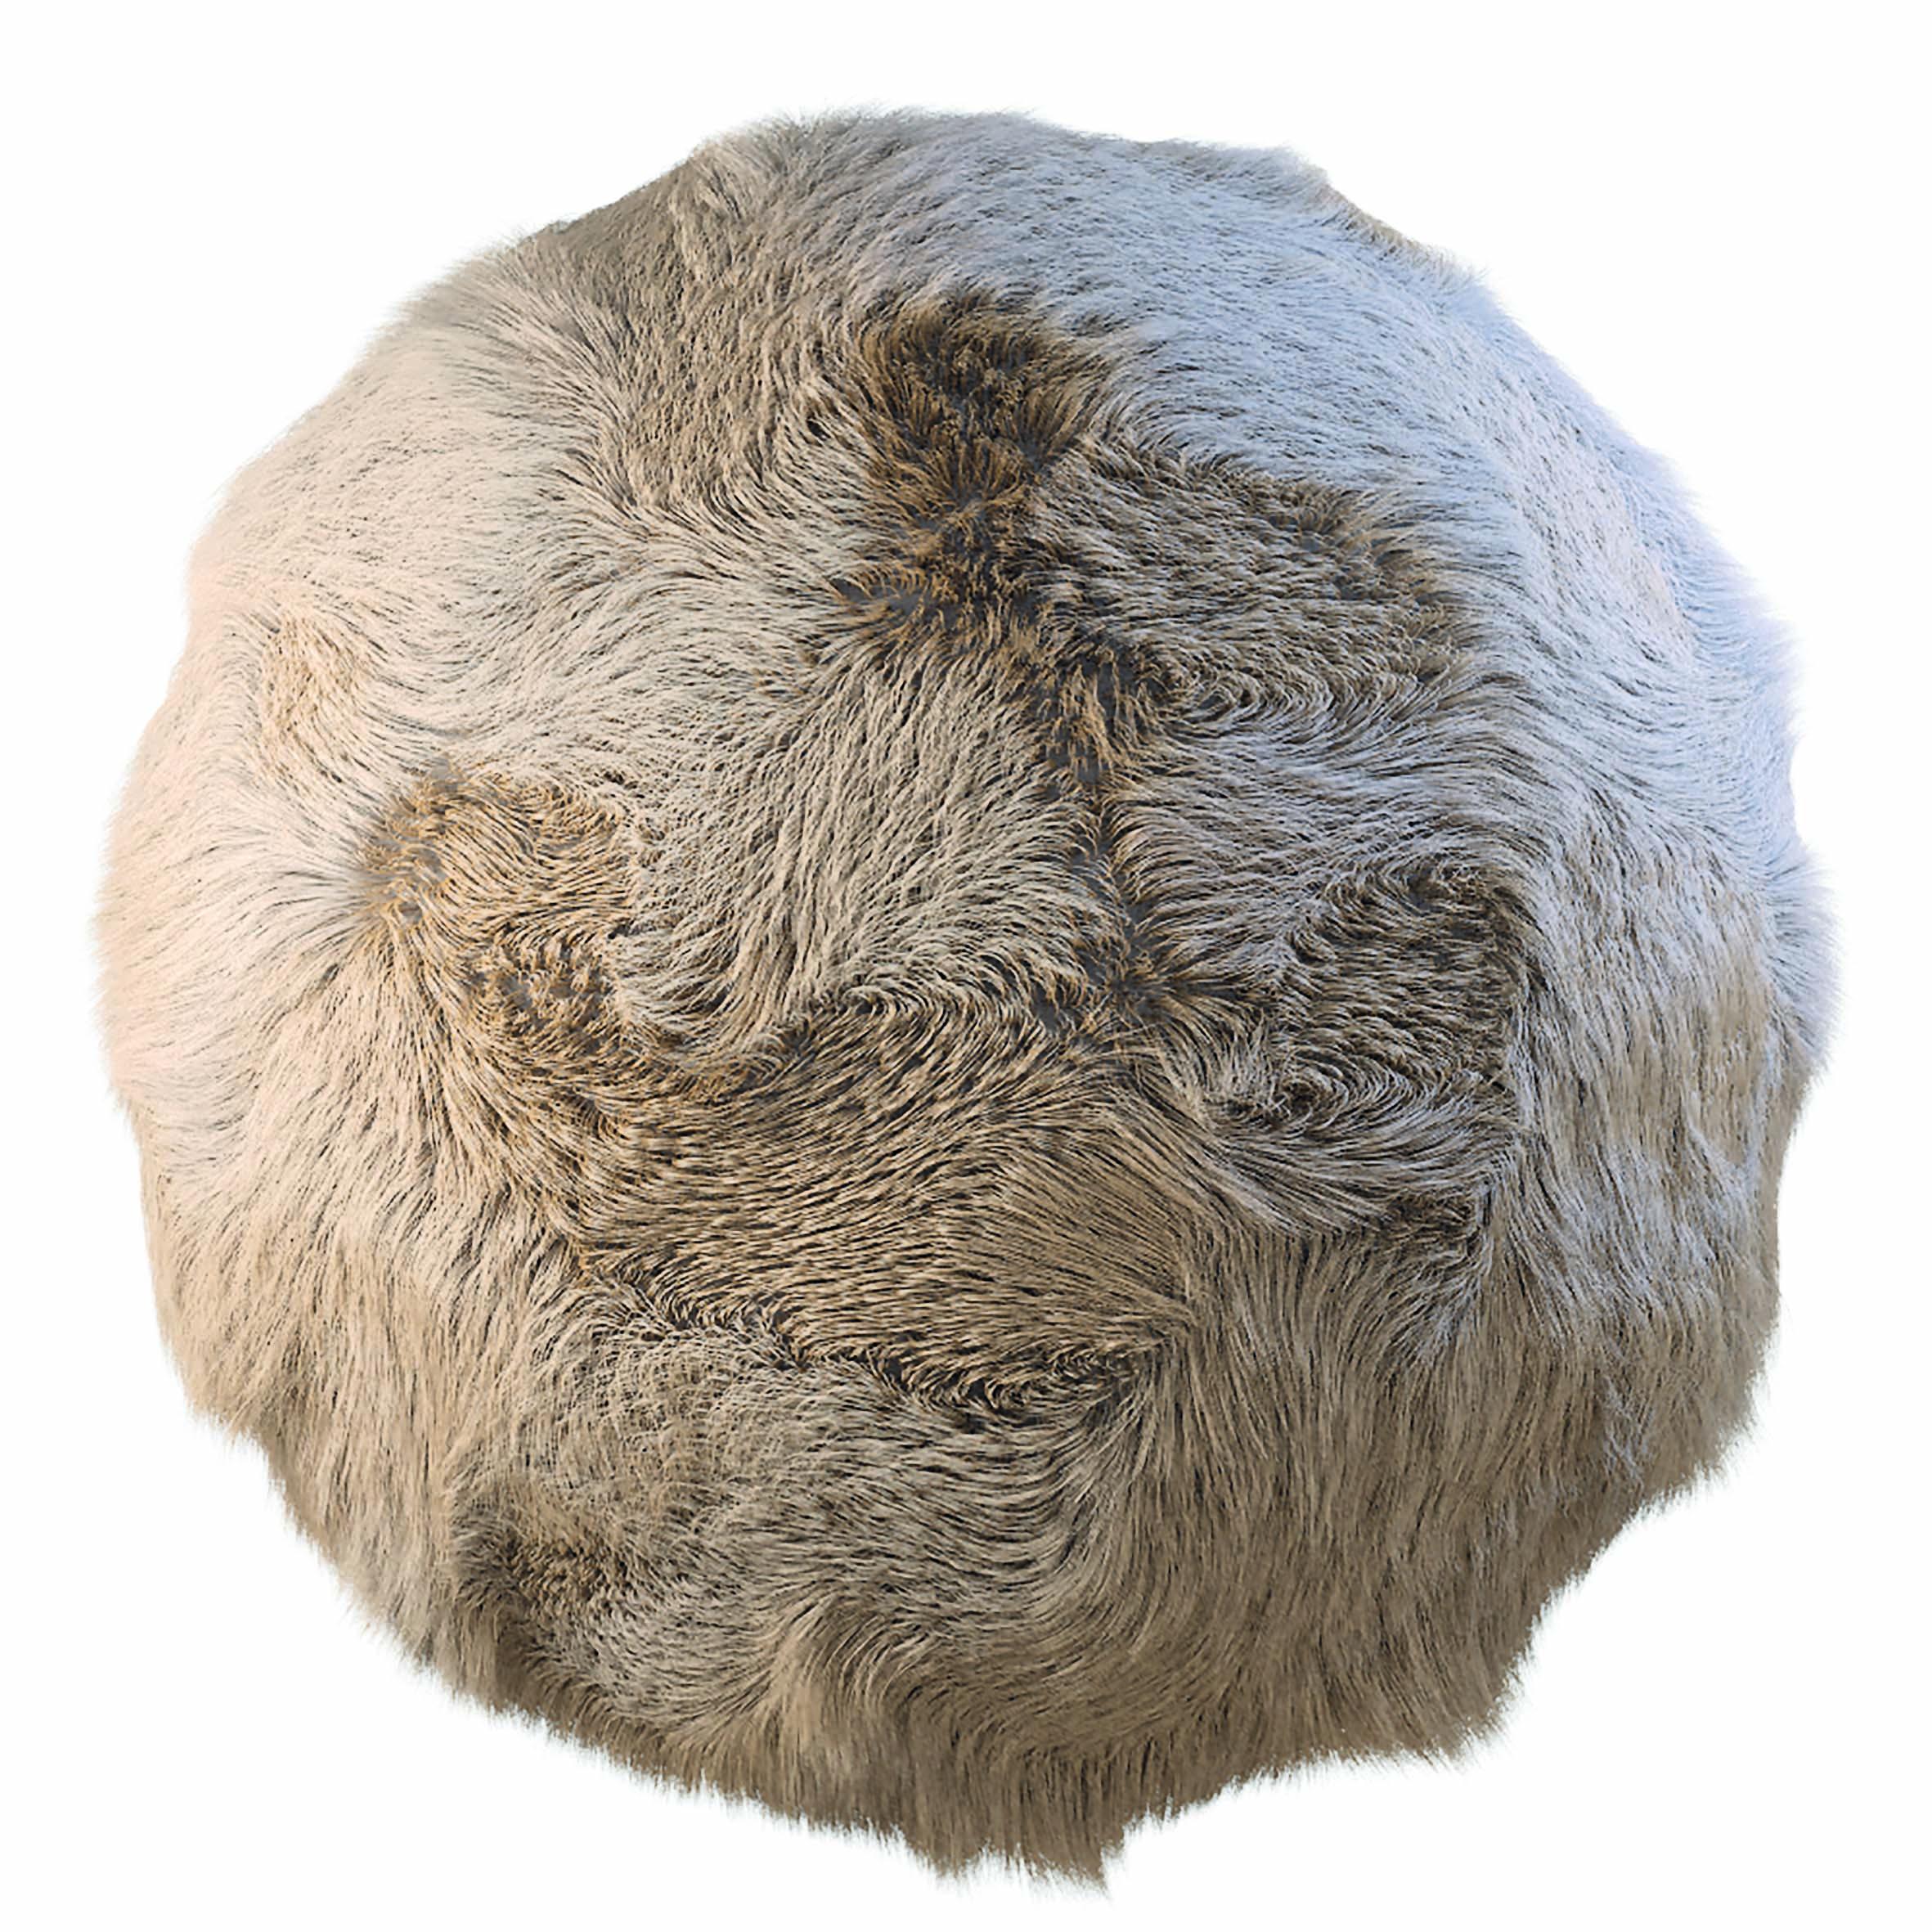 Lightwaves Material für Haare verwendet verschiedene Farbwerte und Specular-Shader.